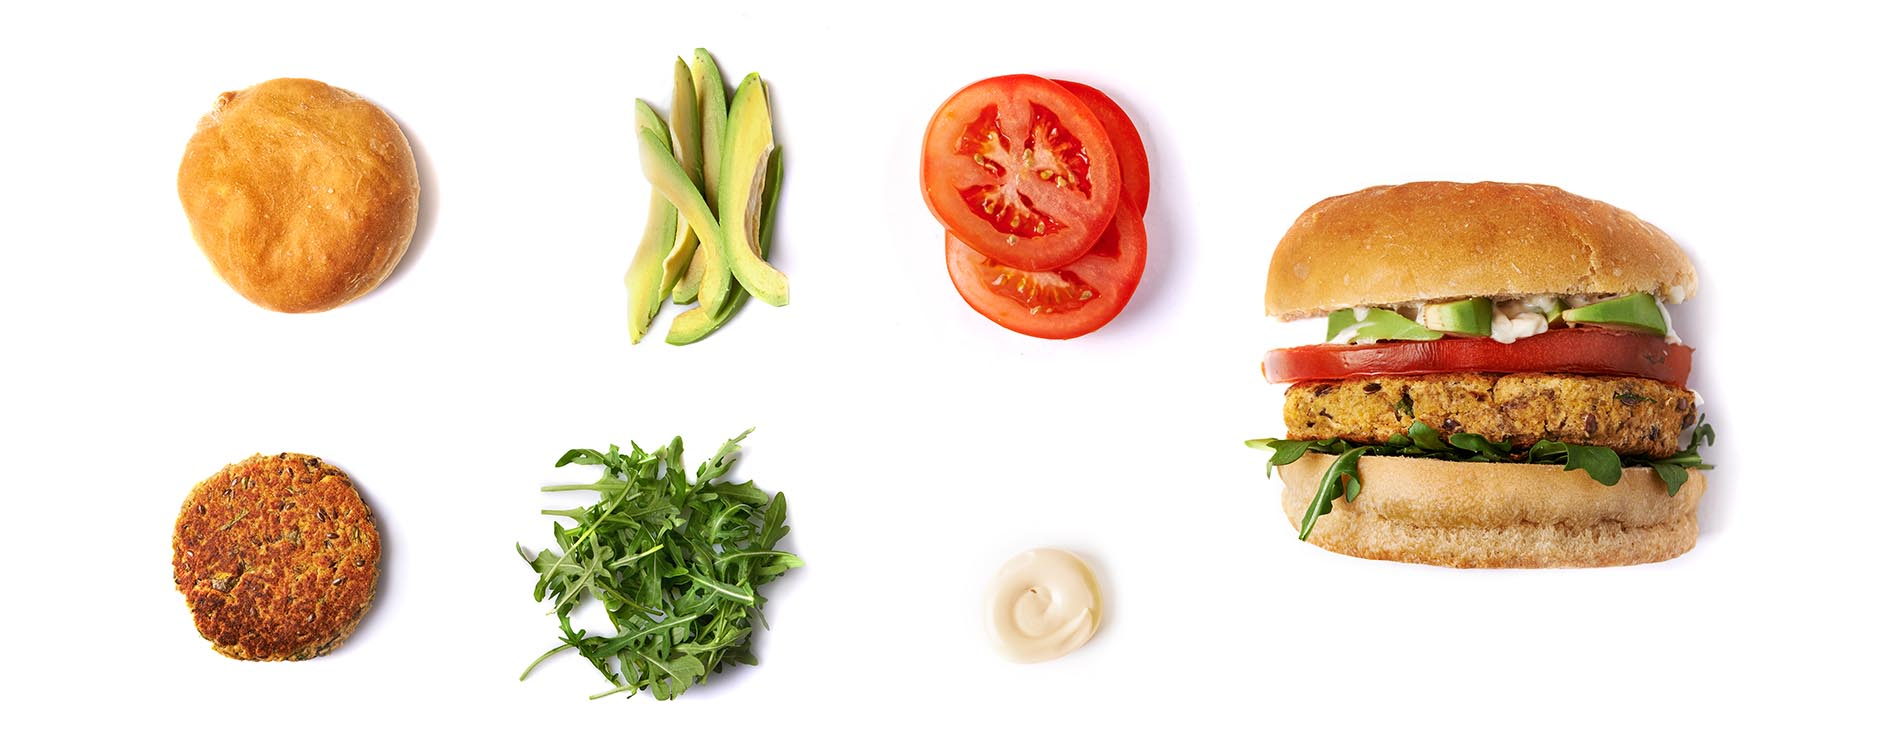 Burger-Vegetarisch-Burger-Buben